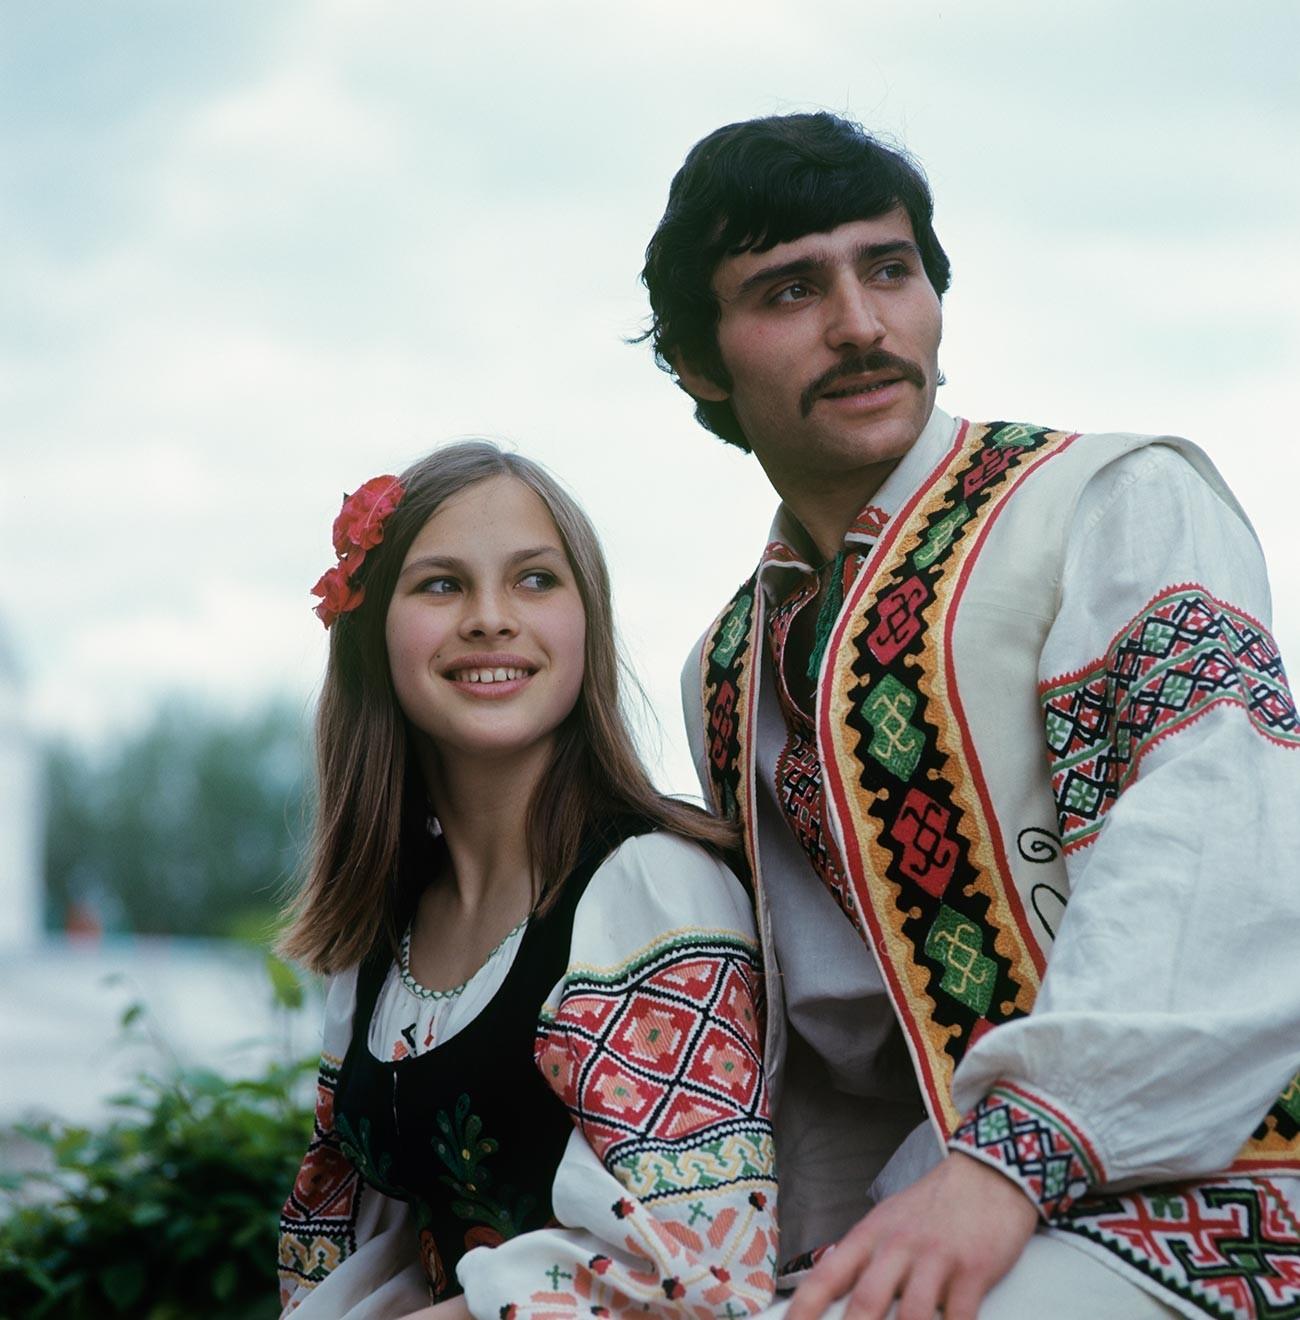 Membros do grupo de dança folclórica da Moldavanesca, 1975